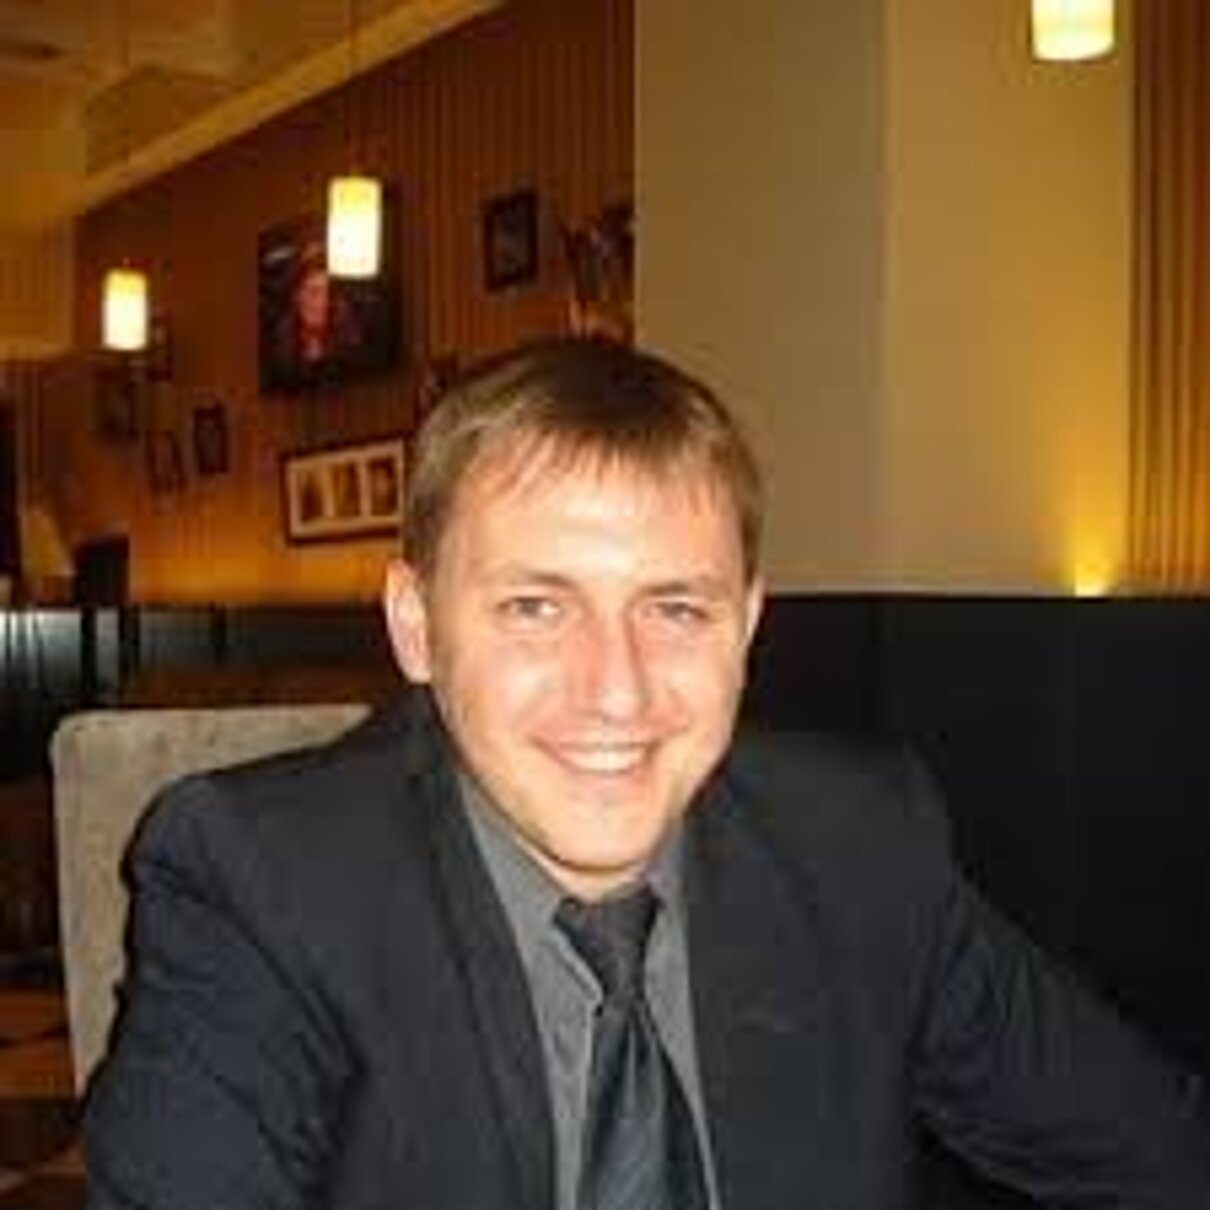 Жалоба-отзыв: Волторнист Сергей Анатолиевич, 0963027207 - Мошенник, аферист